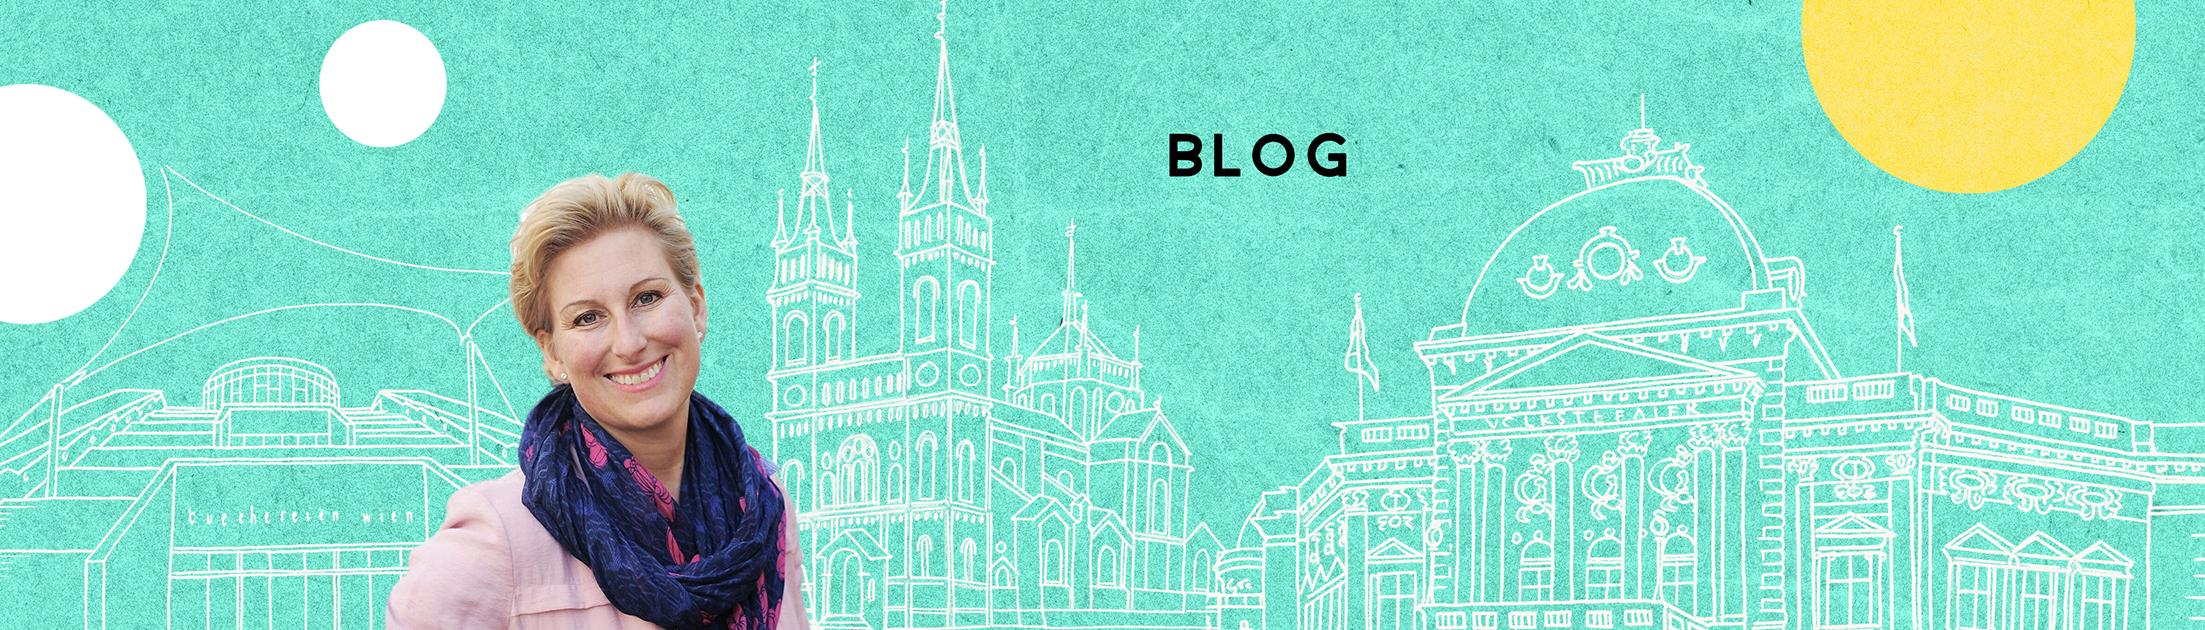 BlogTest4.jpg